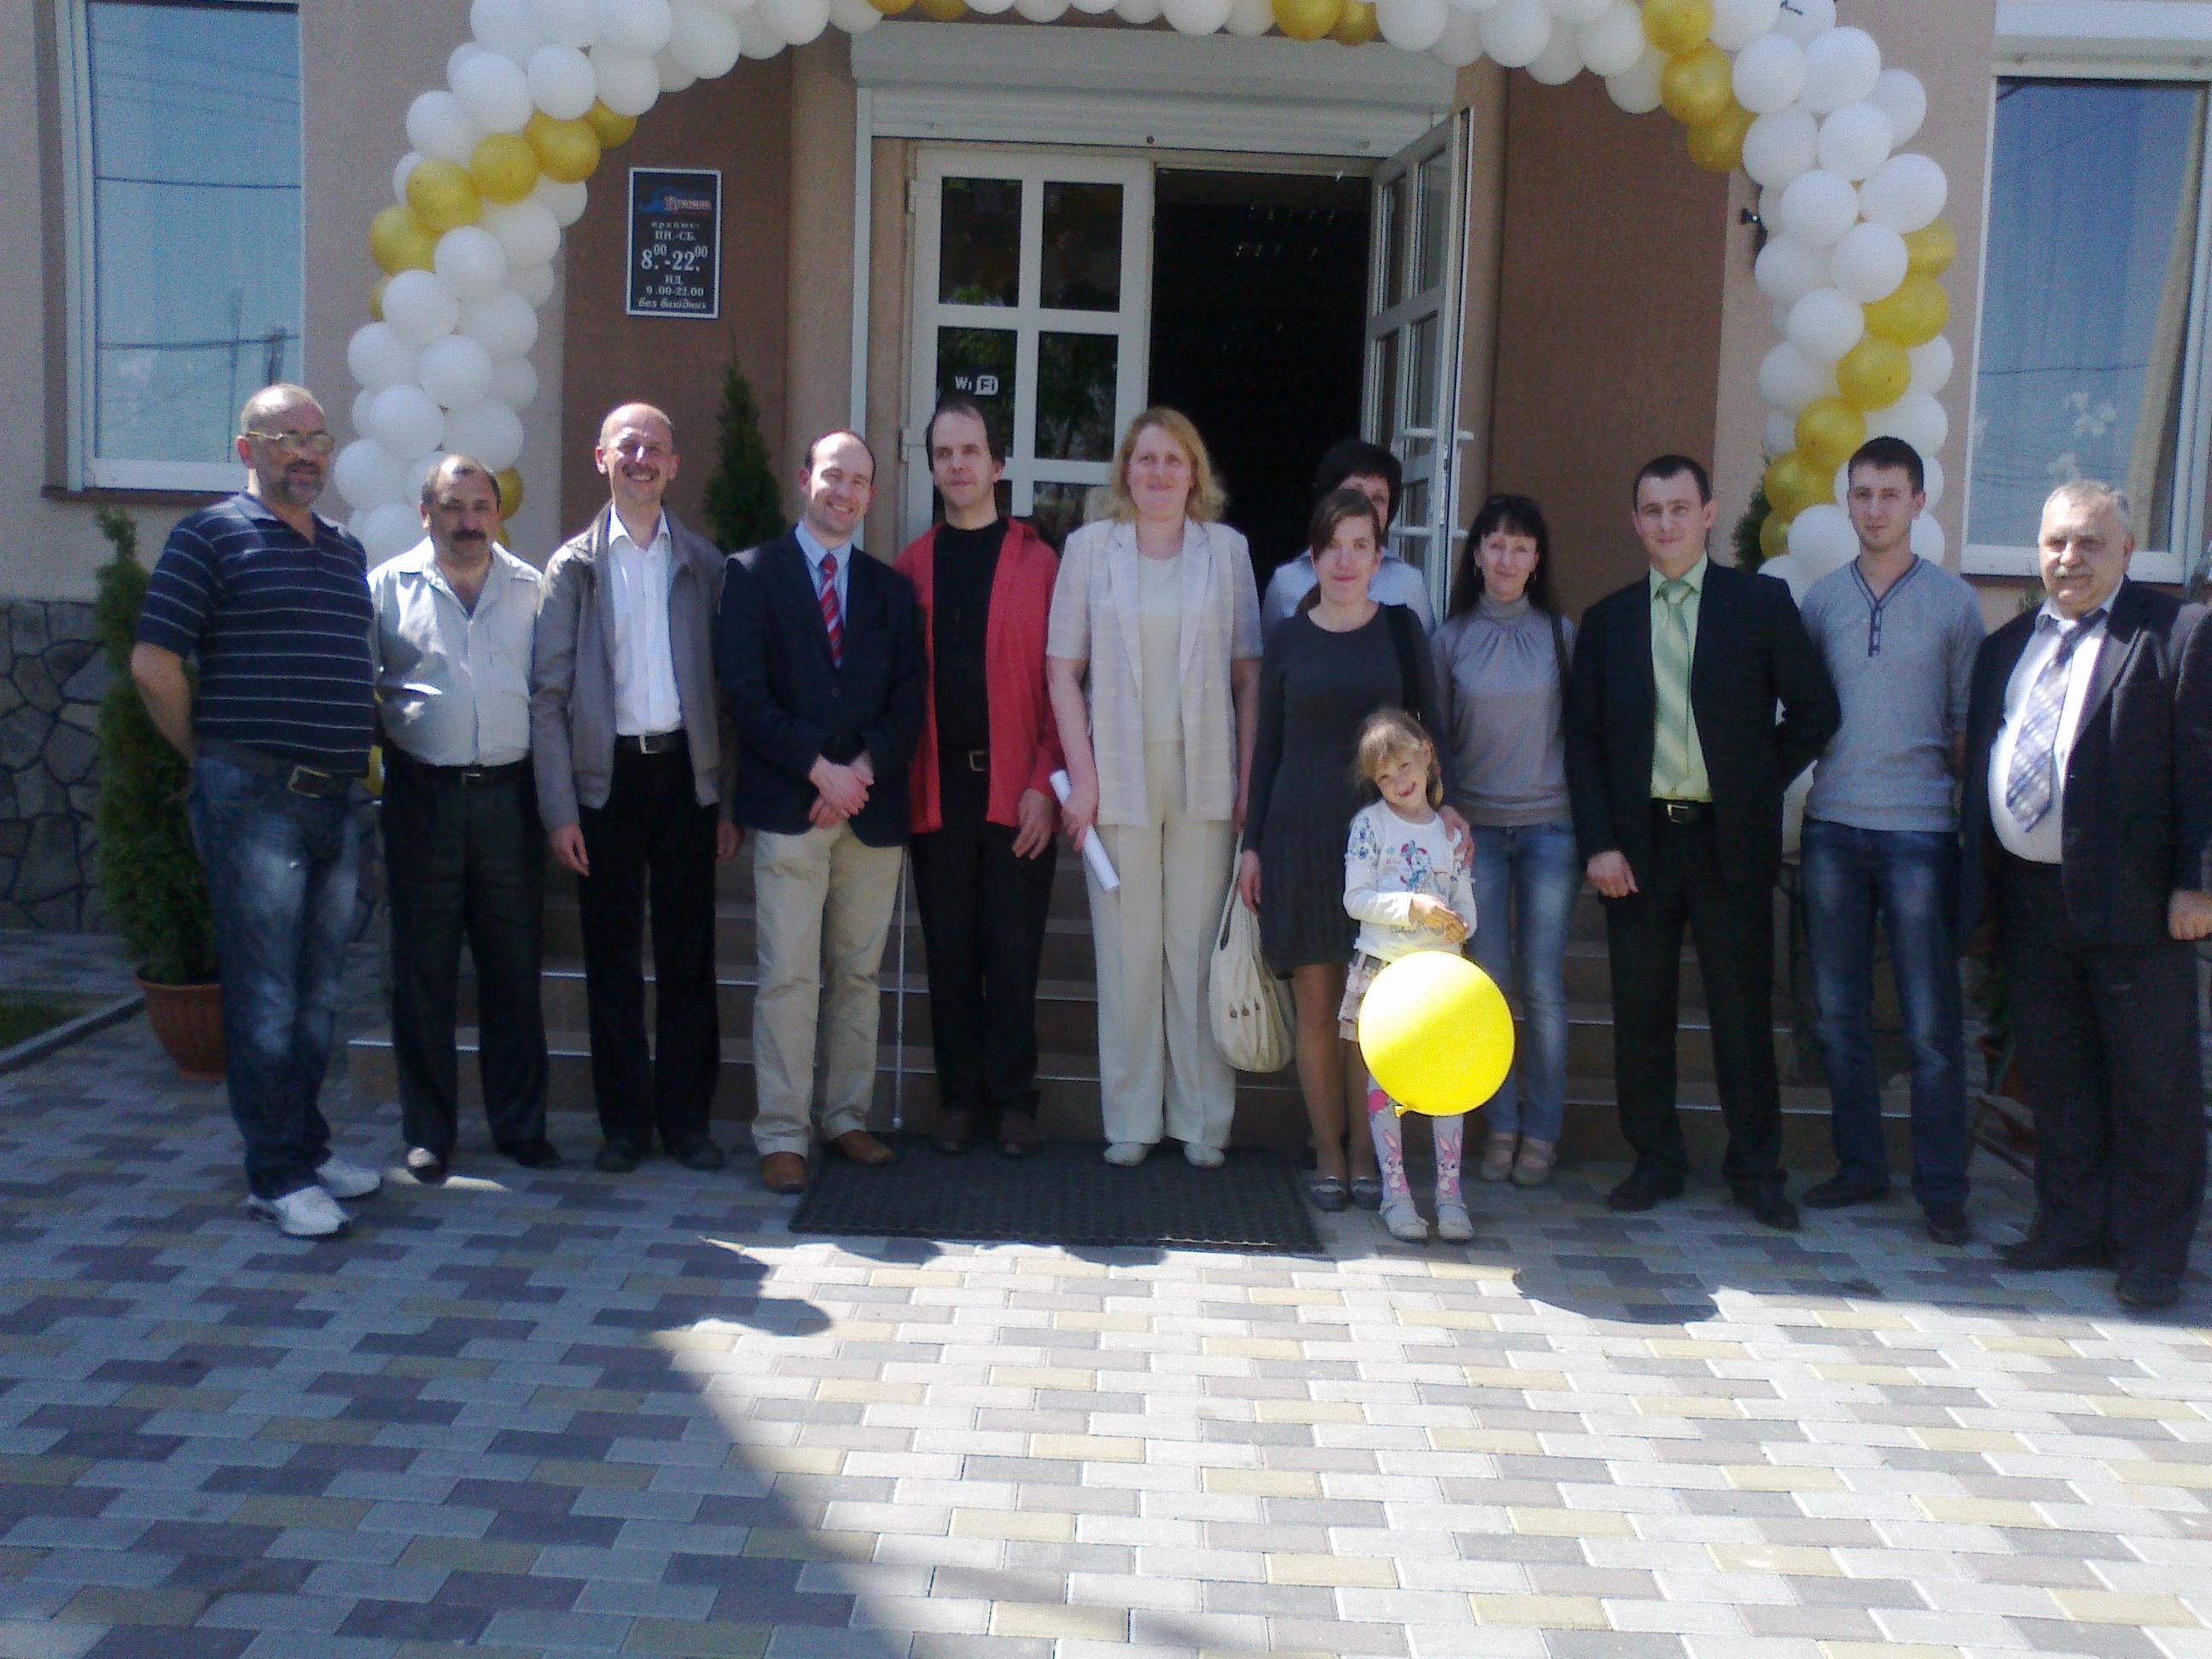 Семінар в Ужгороді 29.04.2012 р. Загальне фото